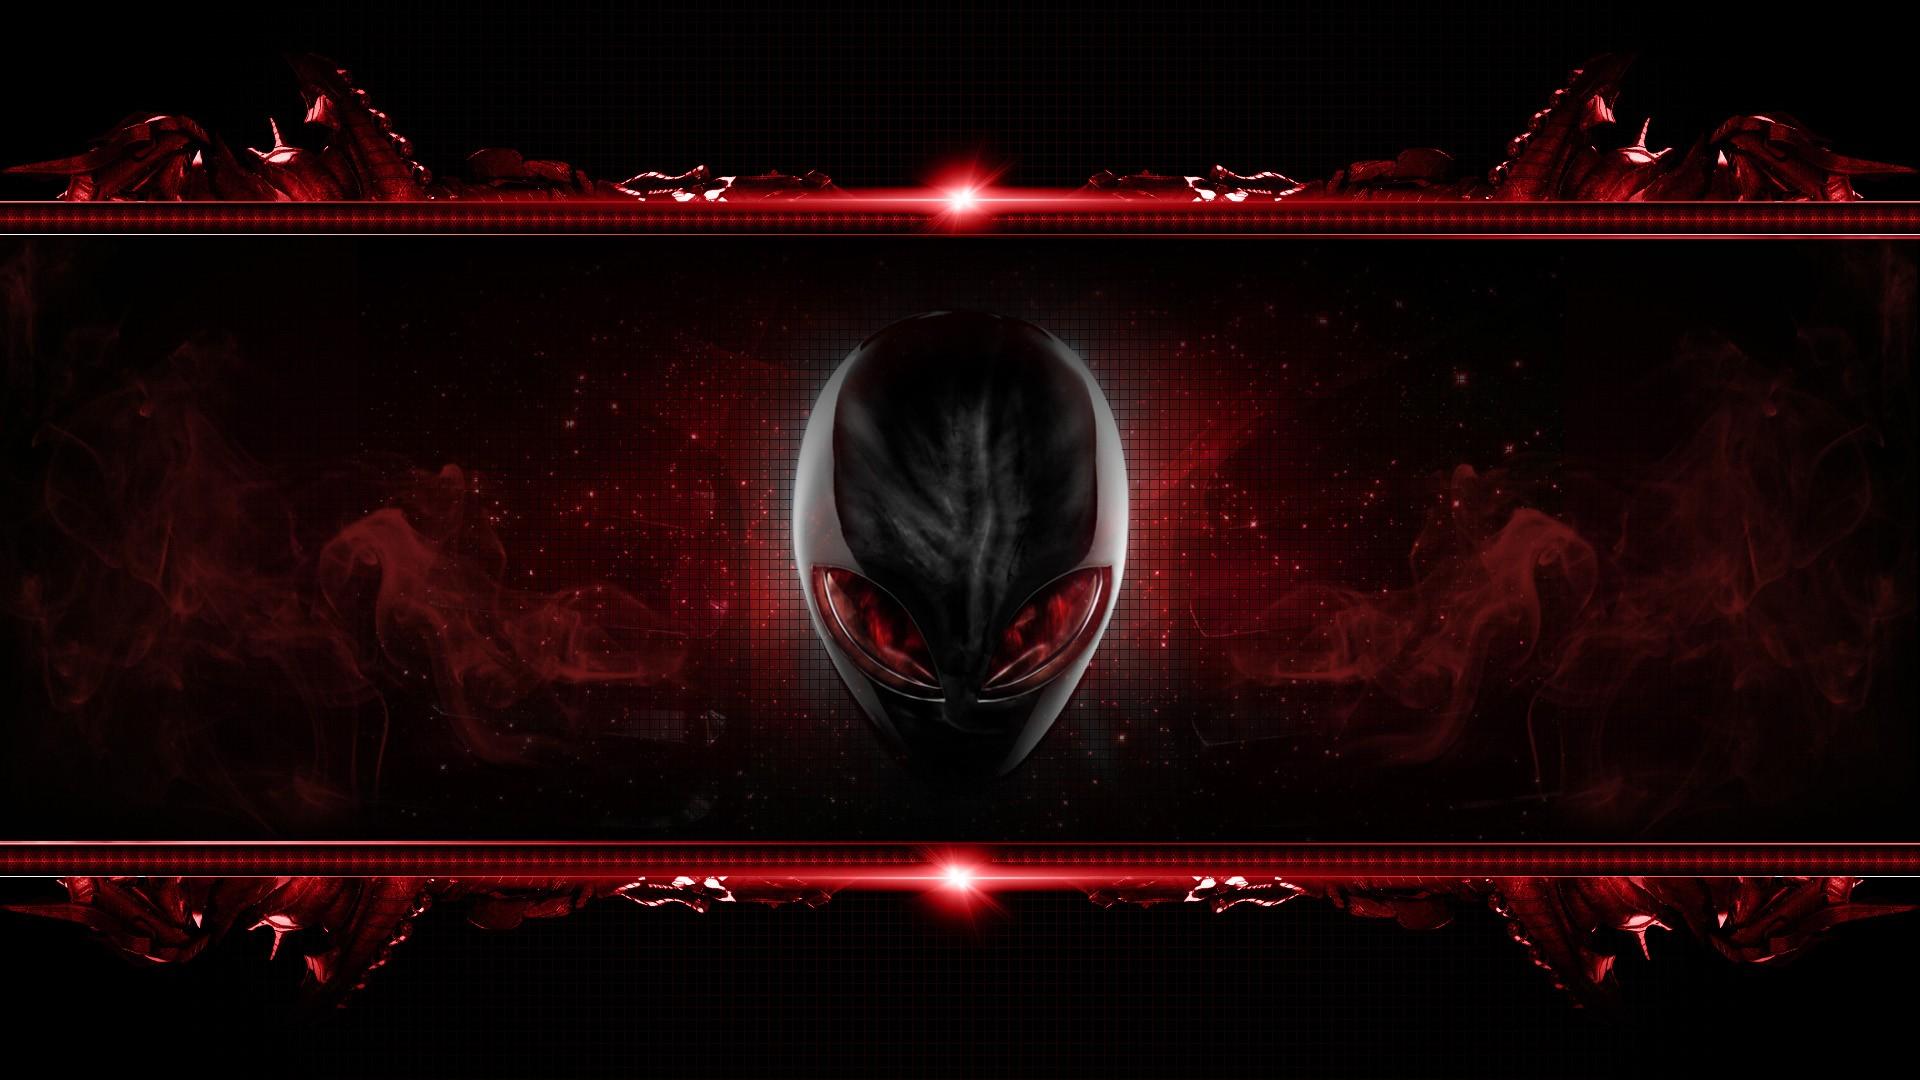 Red Alienware Wallpaper 1920x1080 Red Alienware 1920x1080